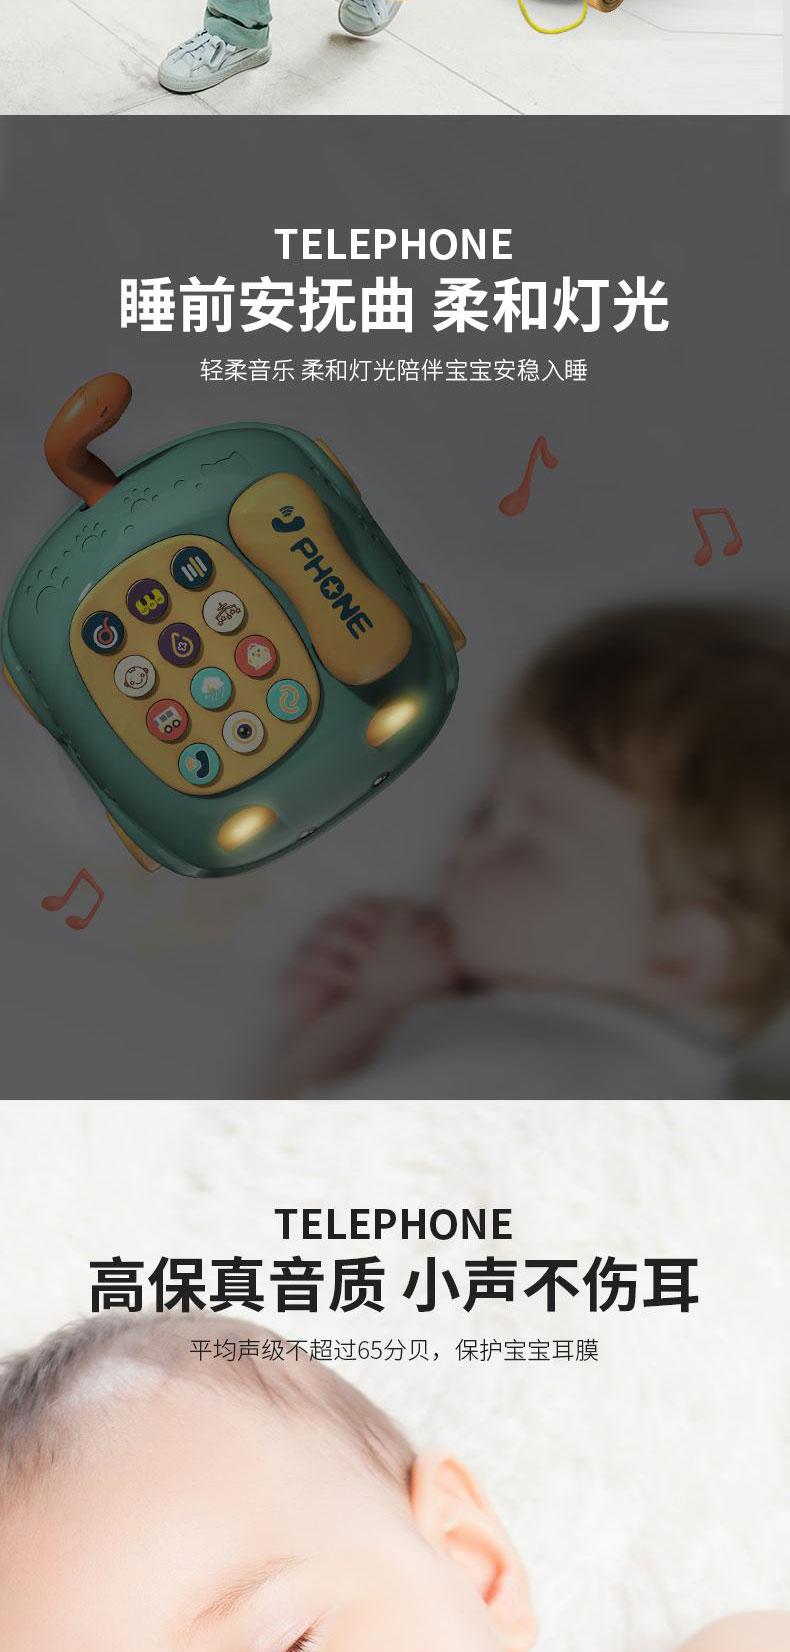 37975-萌小鹰(SPROUT)婴儿童电话机玩具宝宝男孩益智多功能早教1一岁2可咬仿真座机女孩 猫咪拉线电话车-淡湖绿-详情图